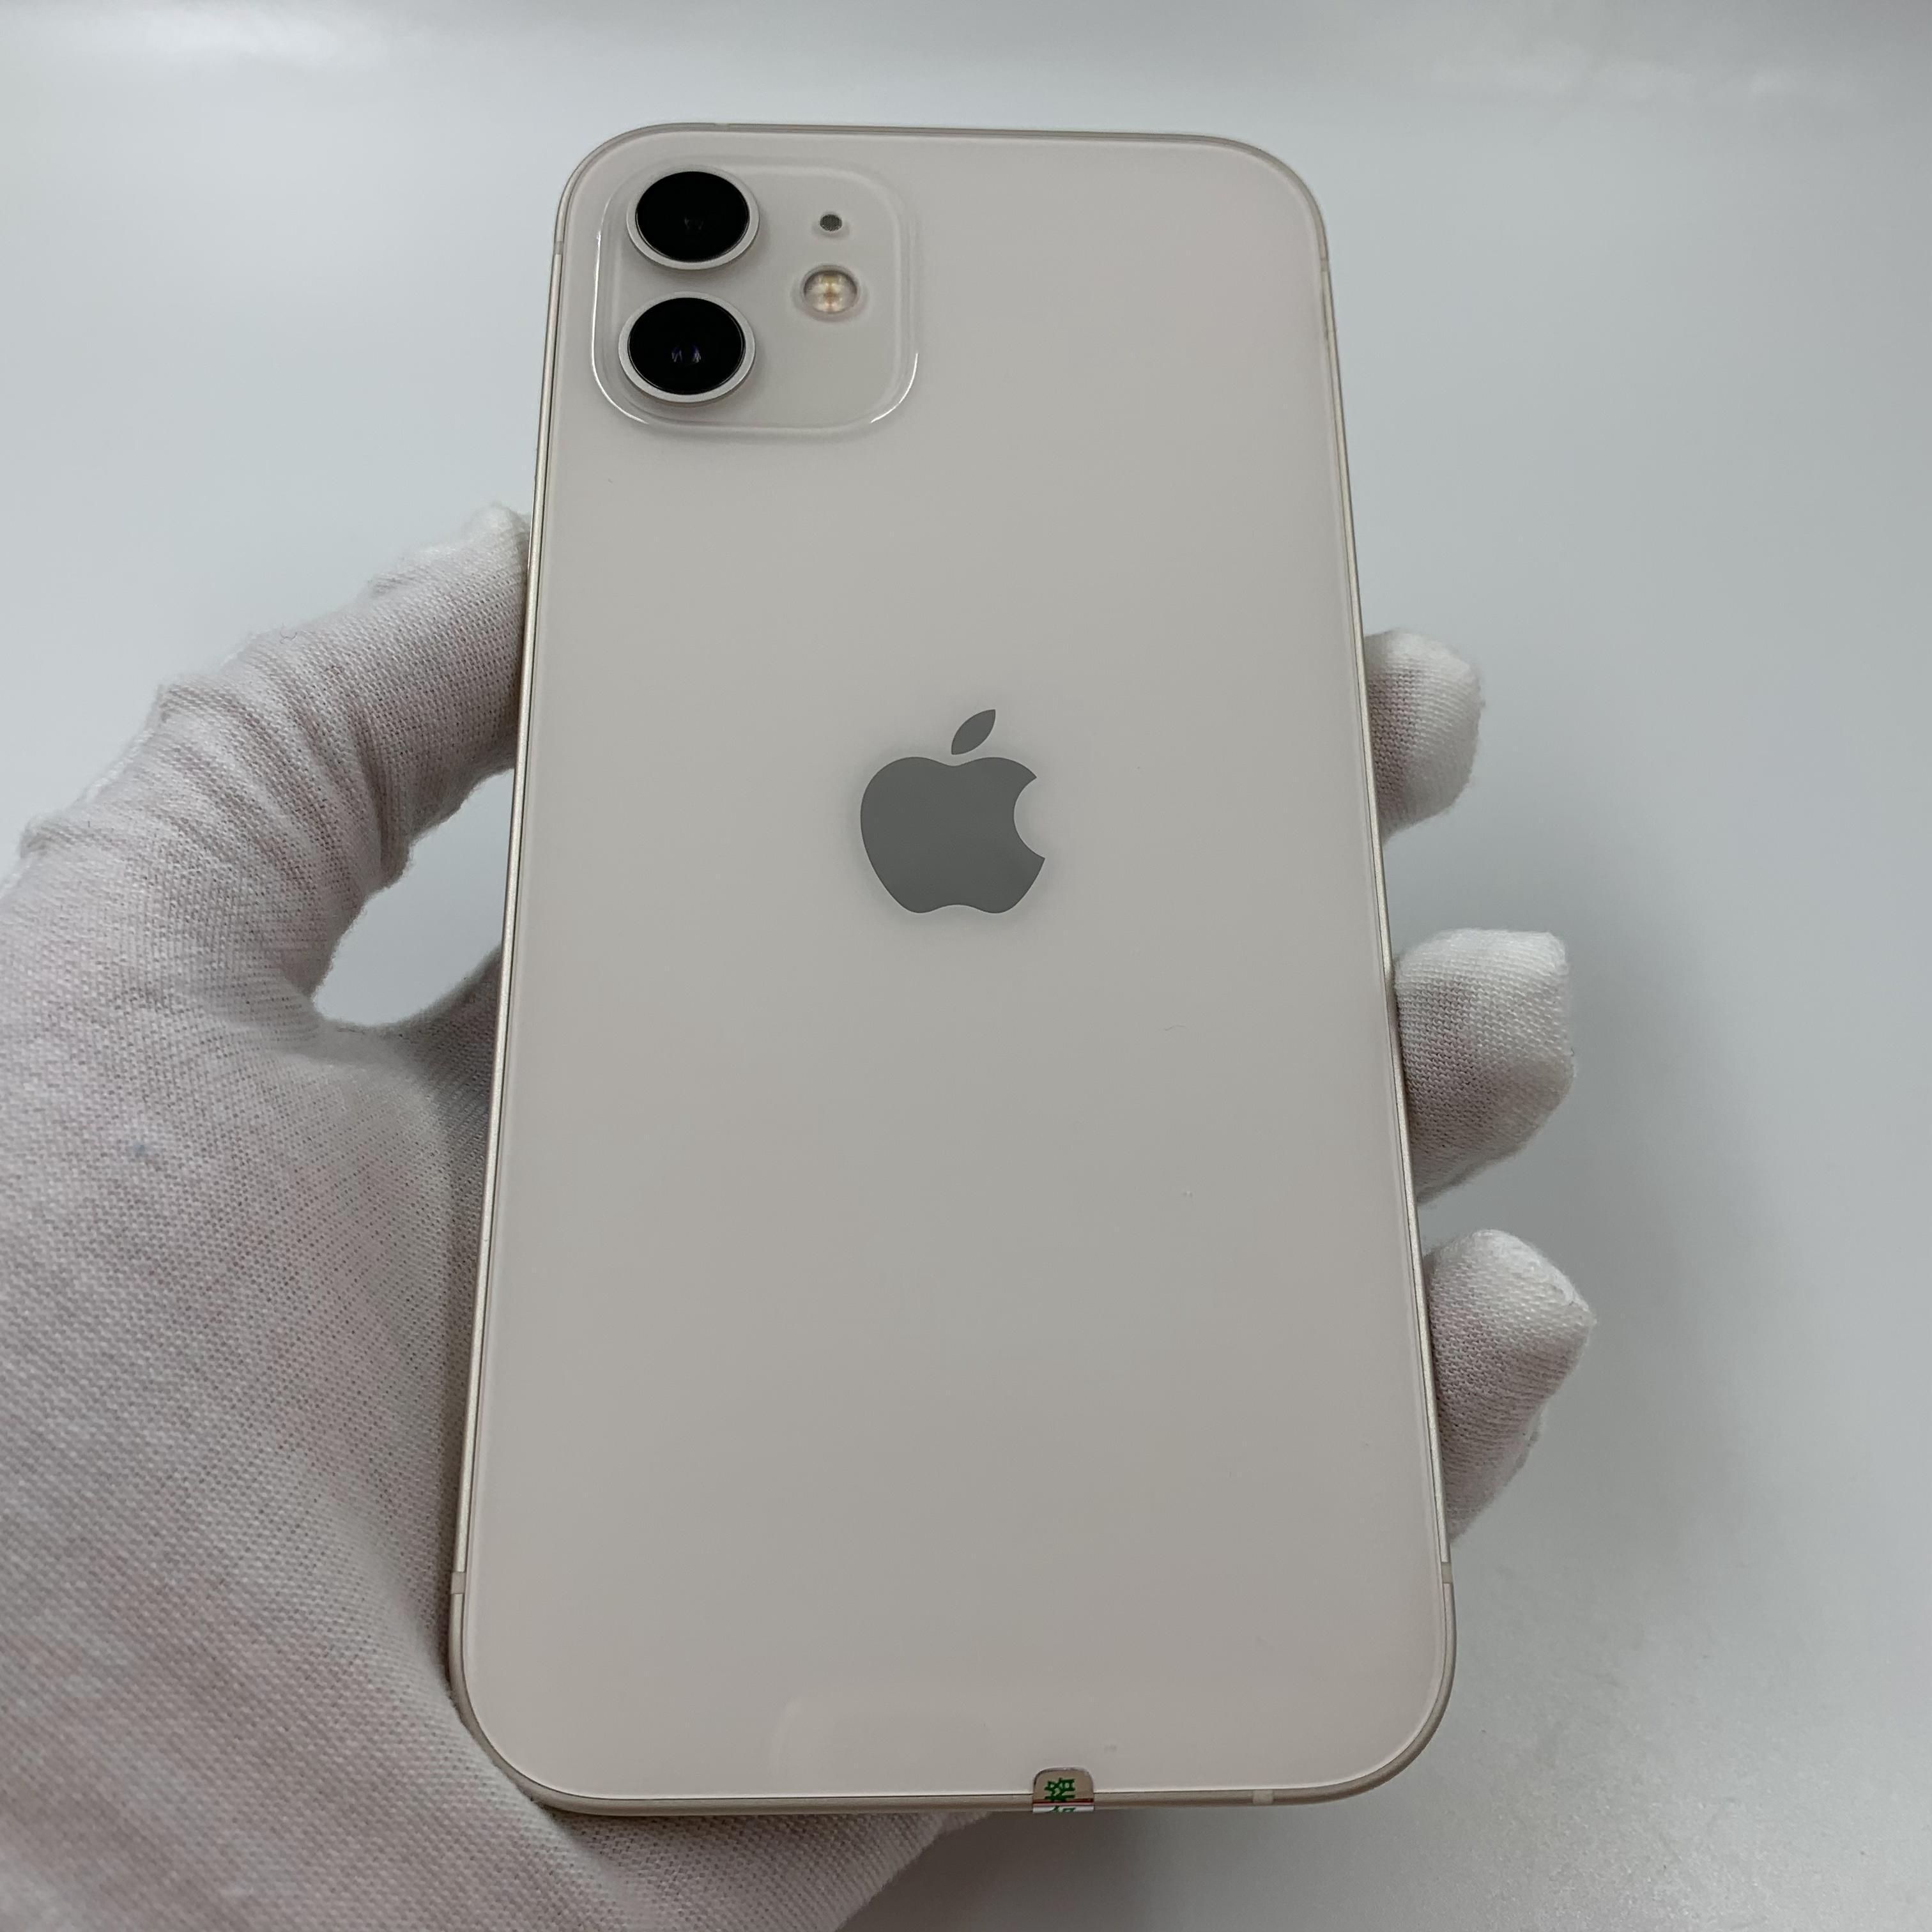 苹果【iPhone 12】5G全网通 白色 128G 国行 95新 真机实拍官保2021-11-06